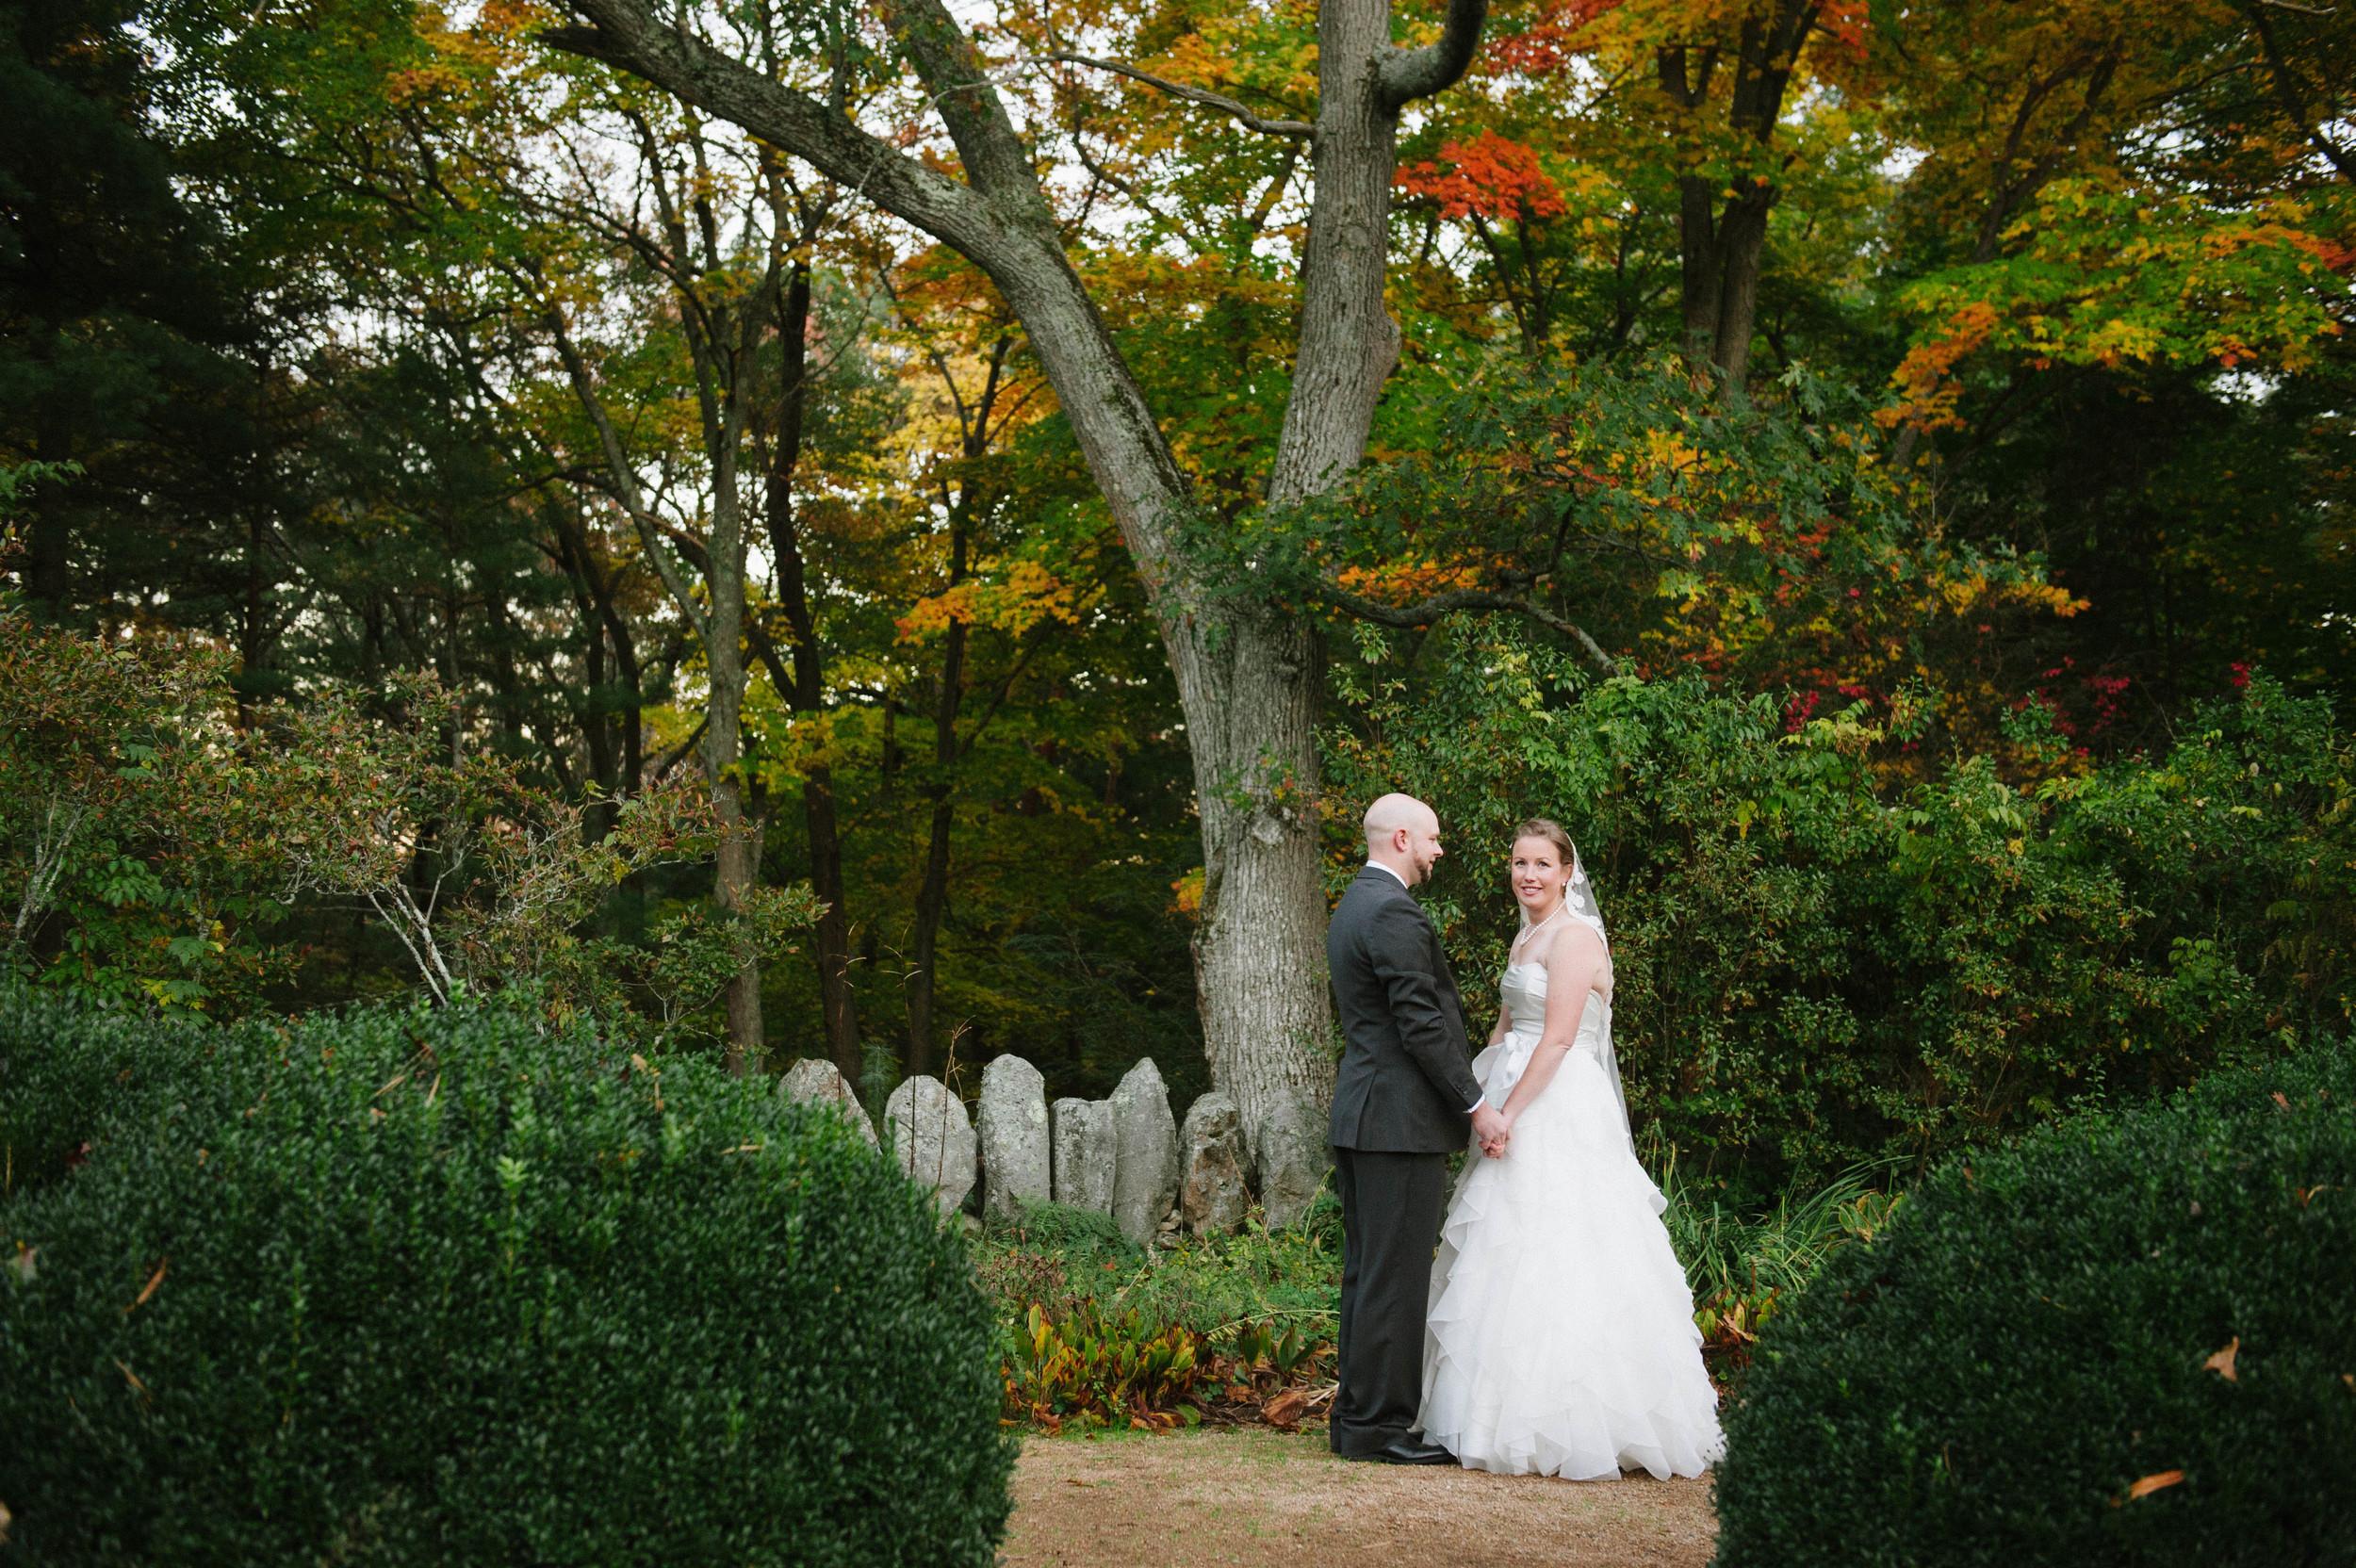 Moriane_Farm_Wedding002.jpg